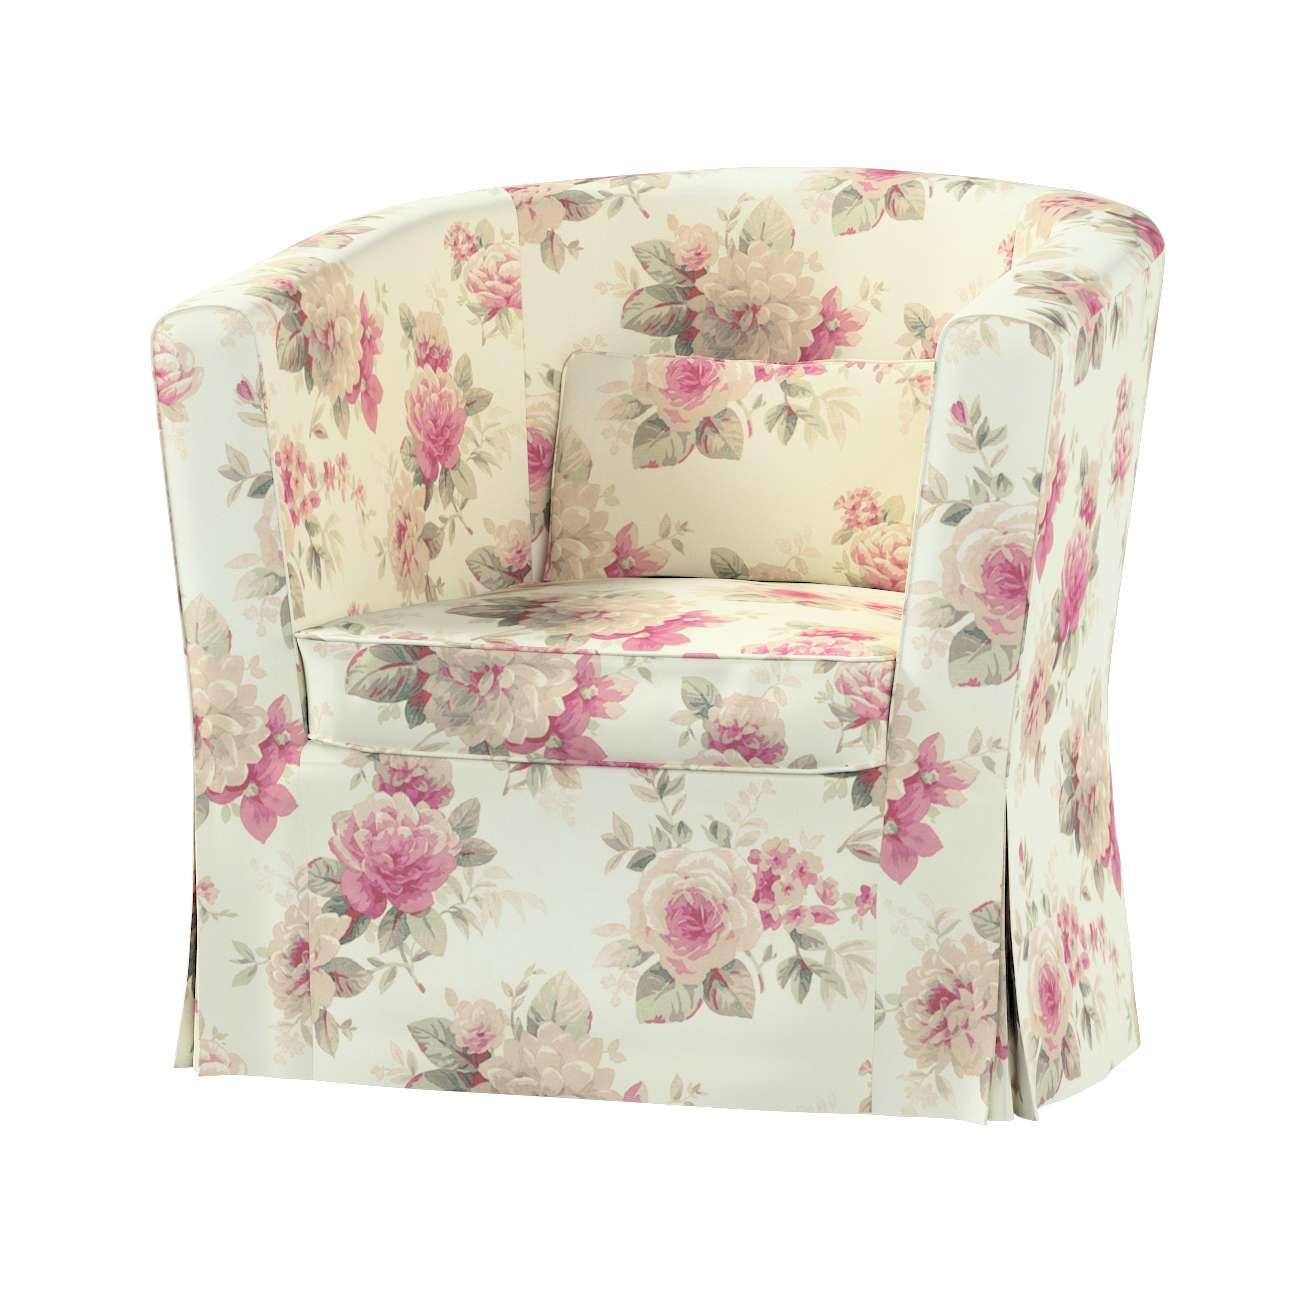 EKTORP TULLSTA fotelio užvalkalas Ektorp Tullsta fotelio užvalkalas kolekcijoje Mirella, audinys: 141-07